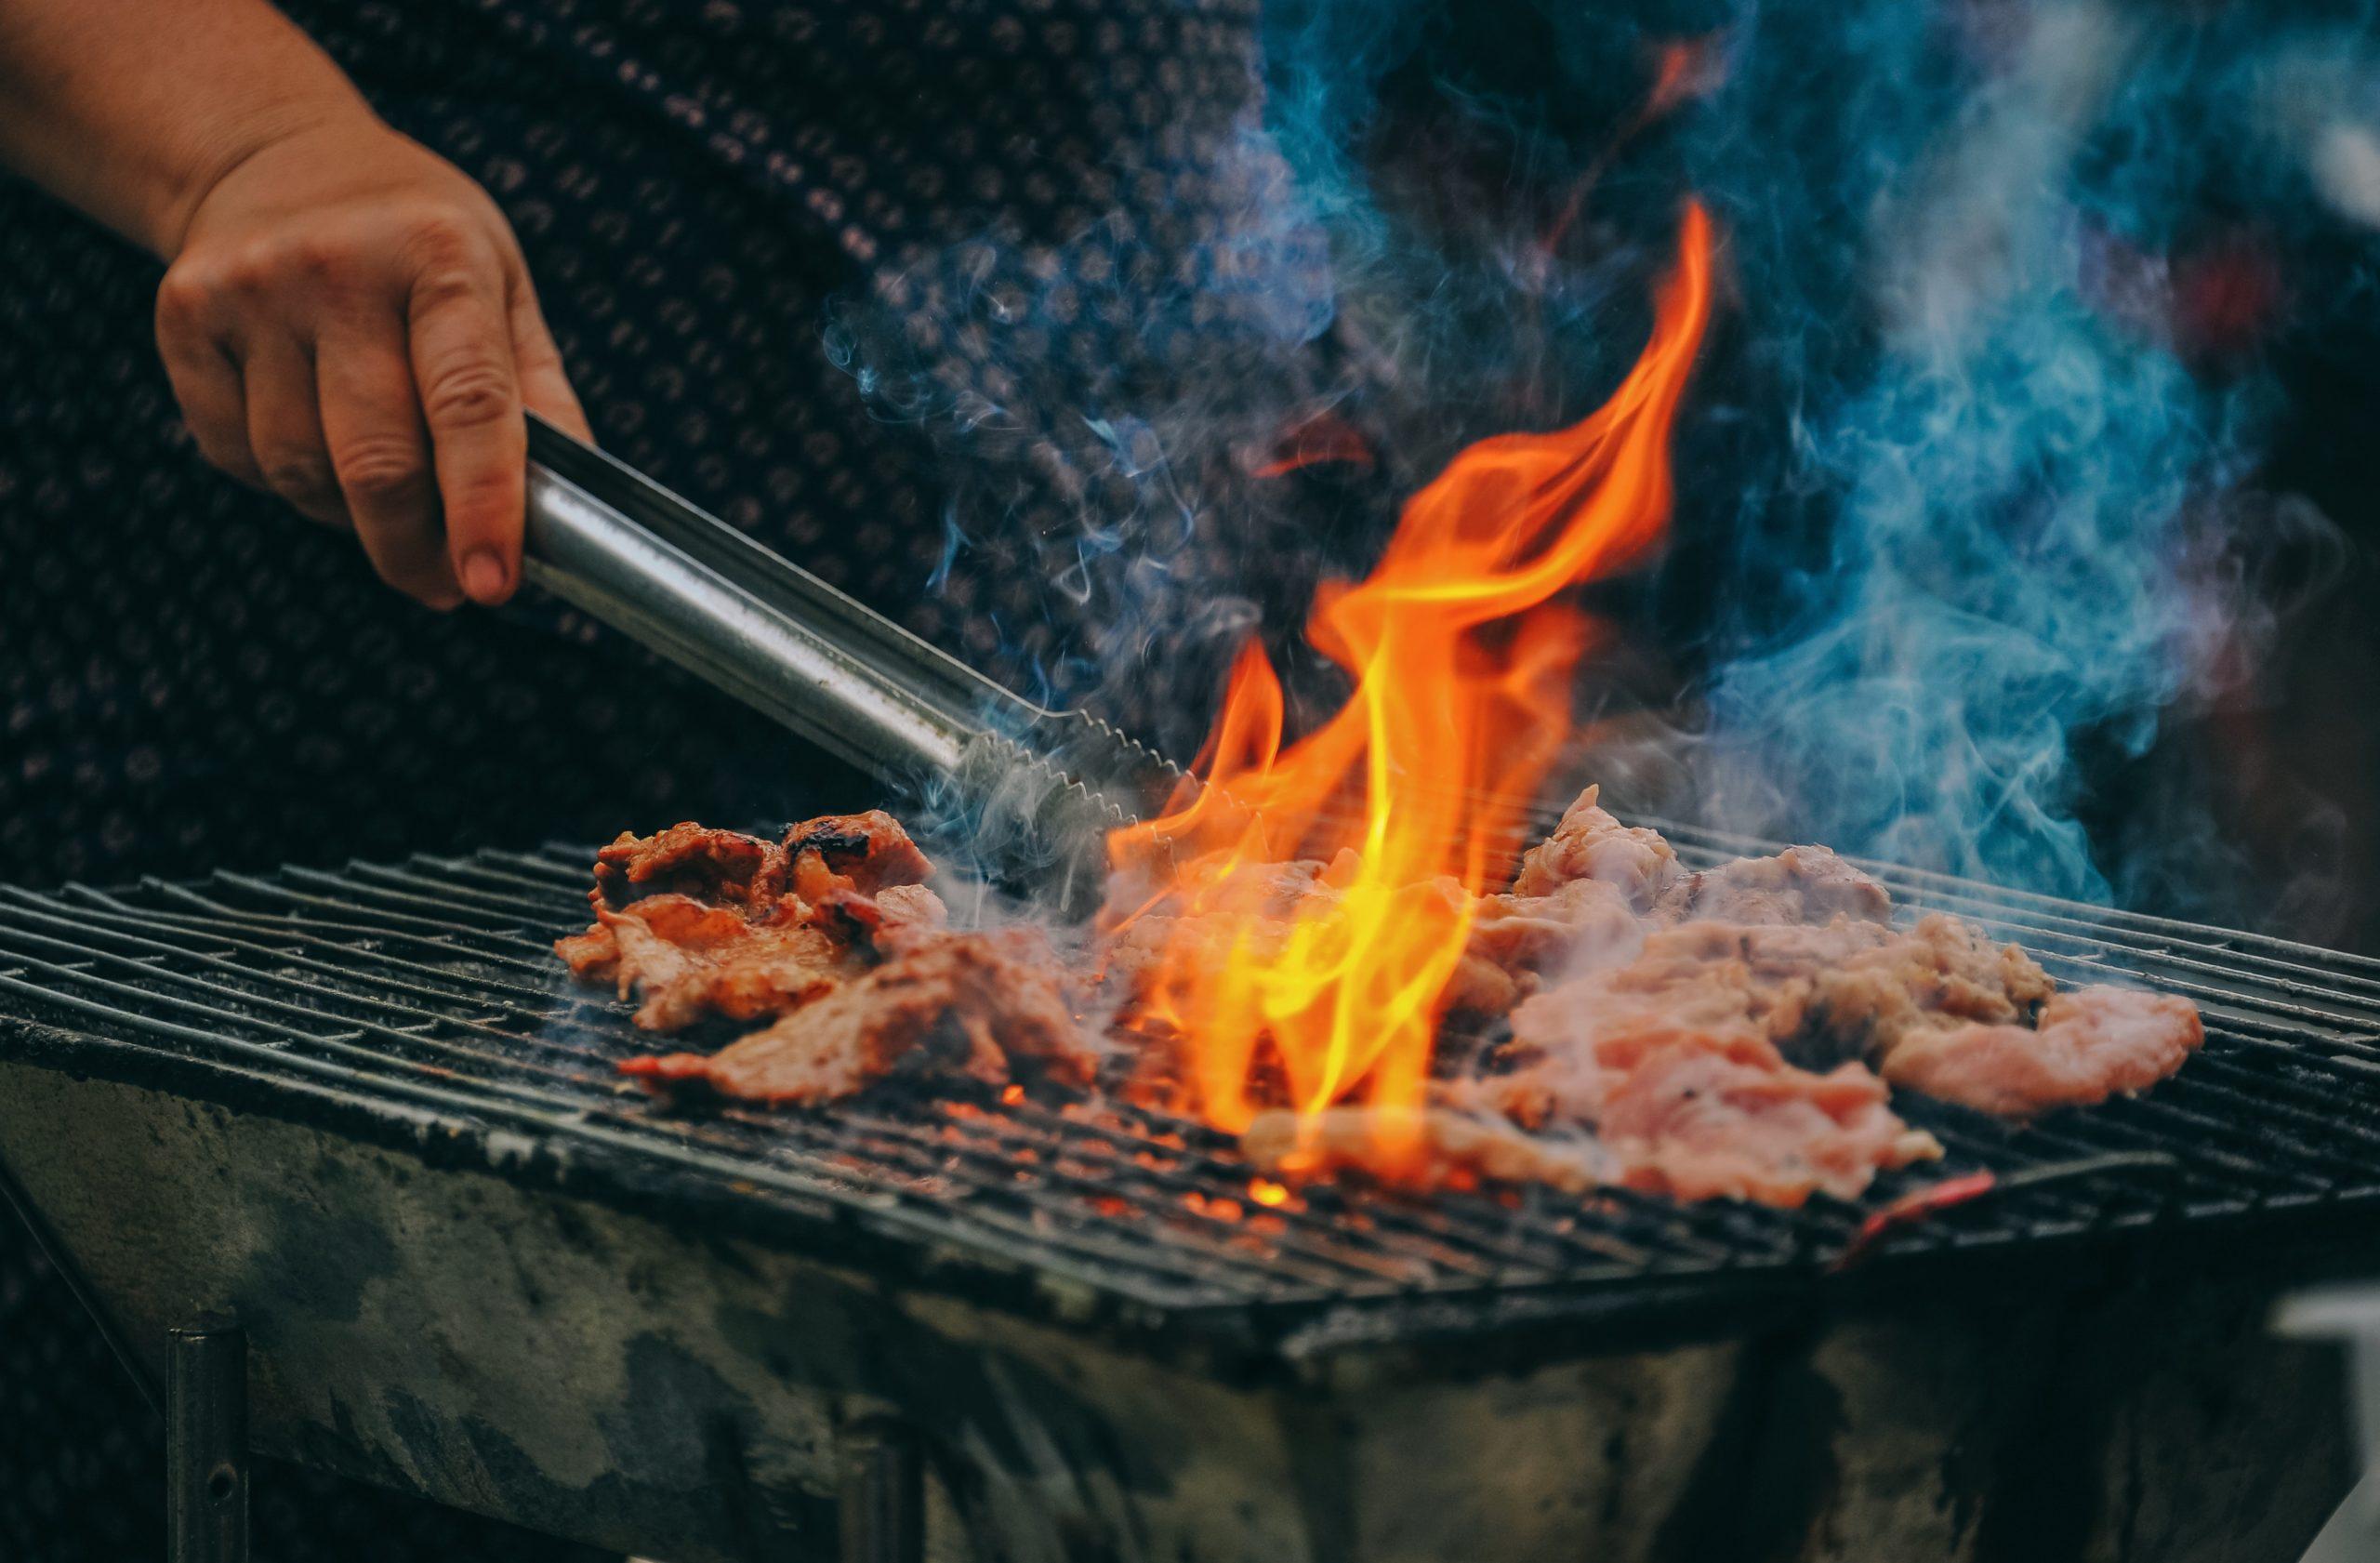 【中国で焼き肉が食べたくなる】上海と日本の焼肉店の大きな違い!